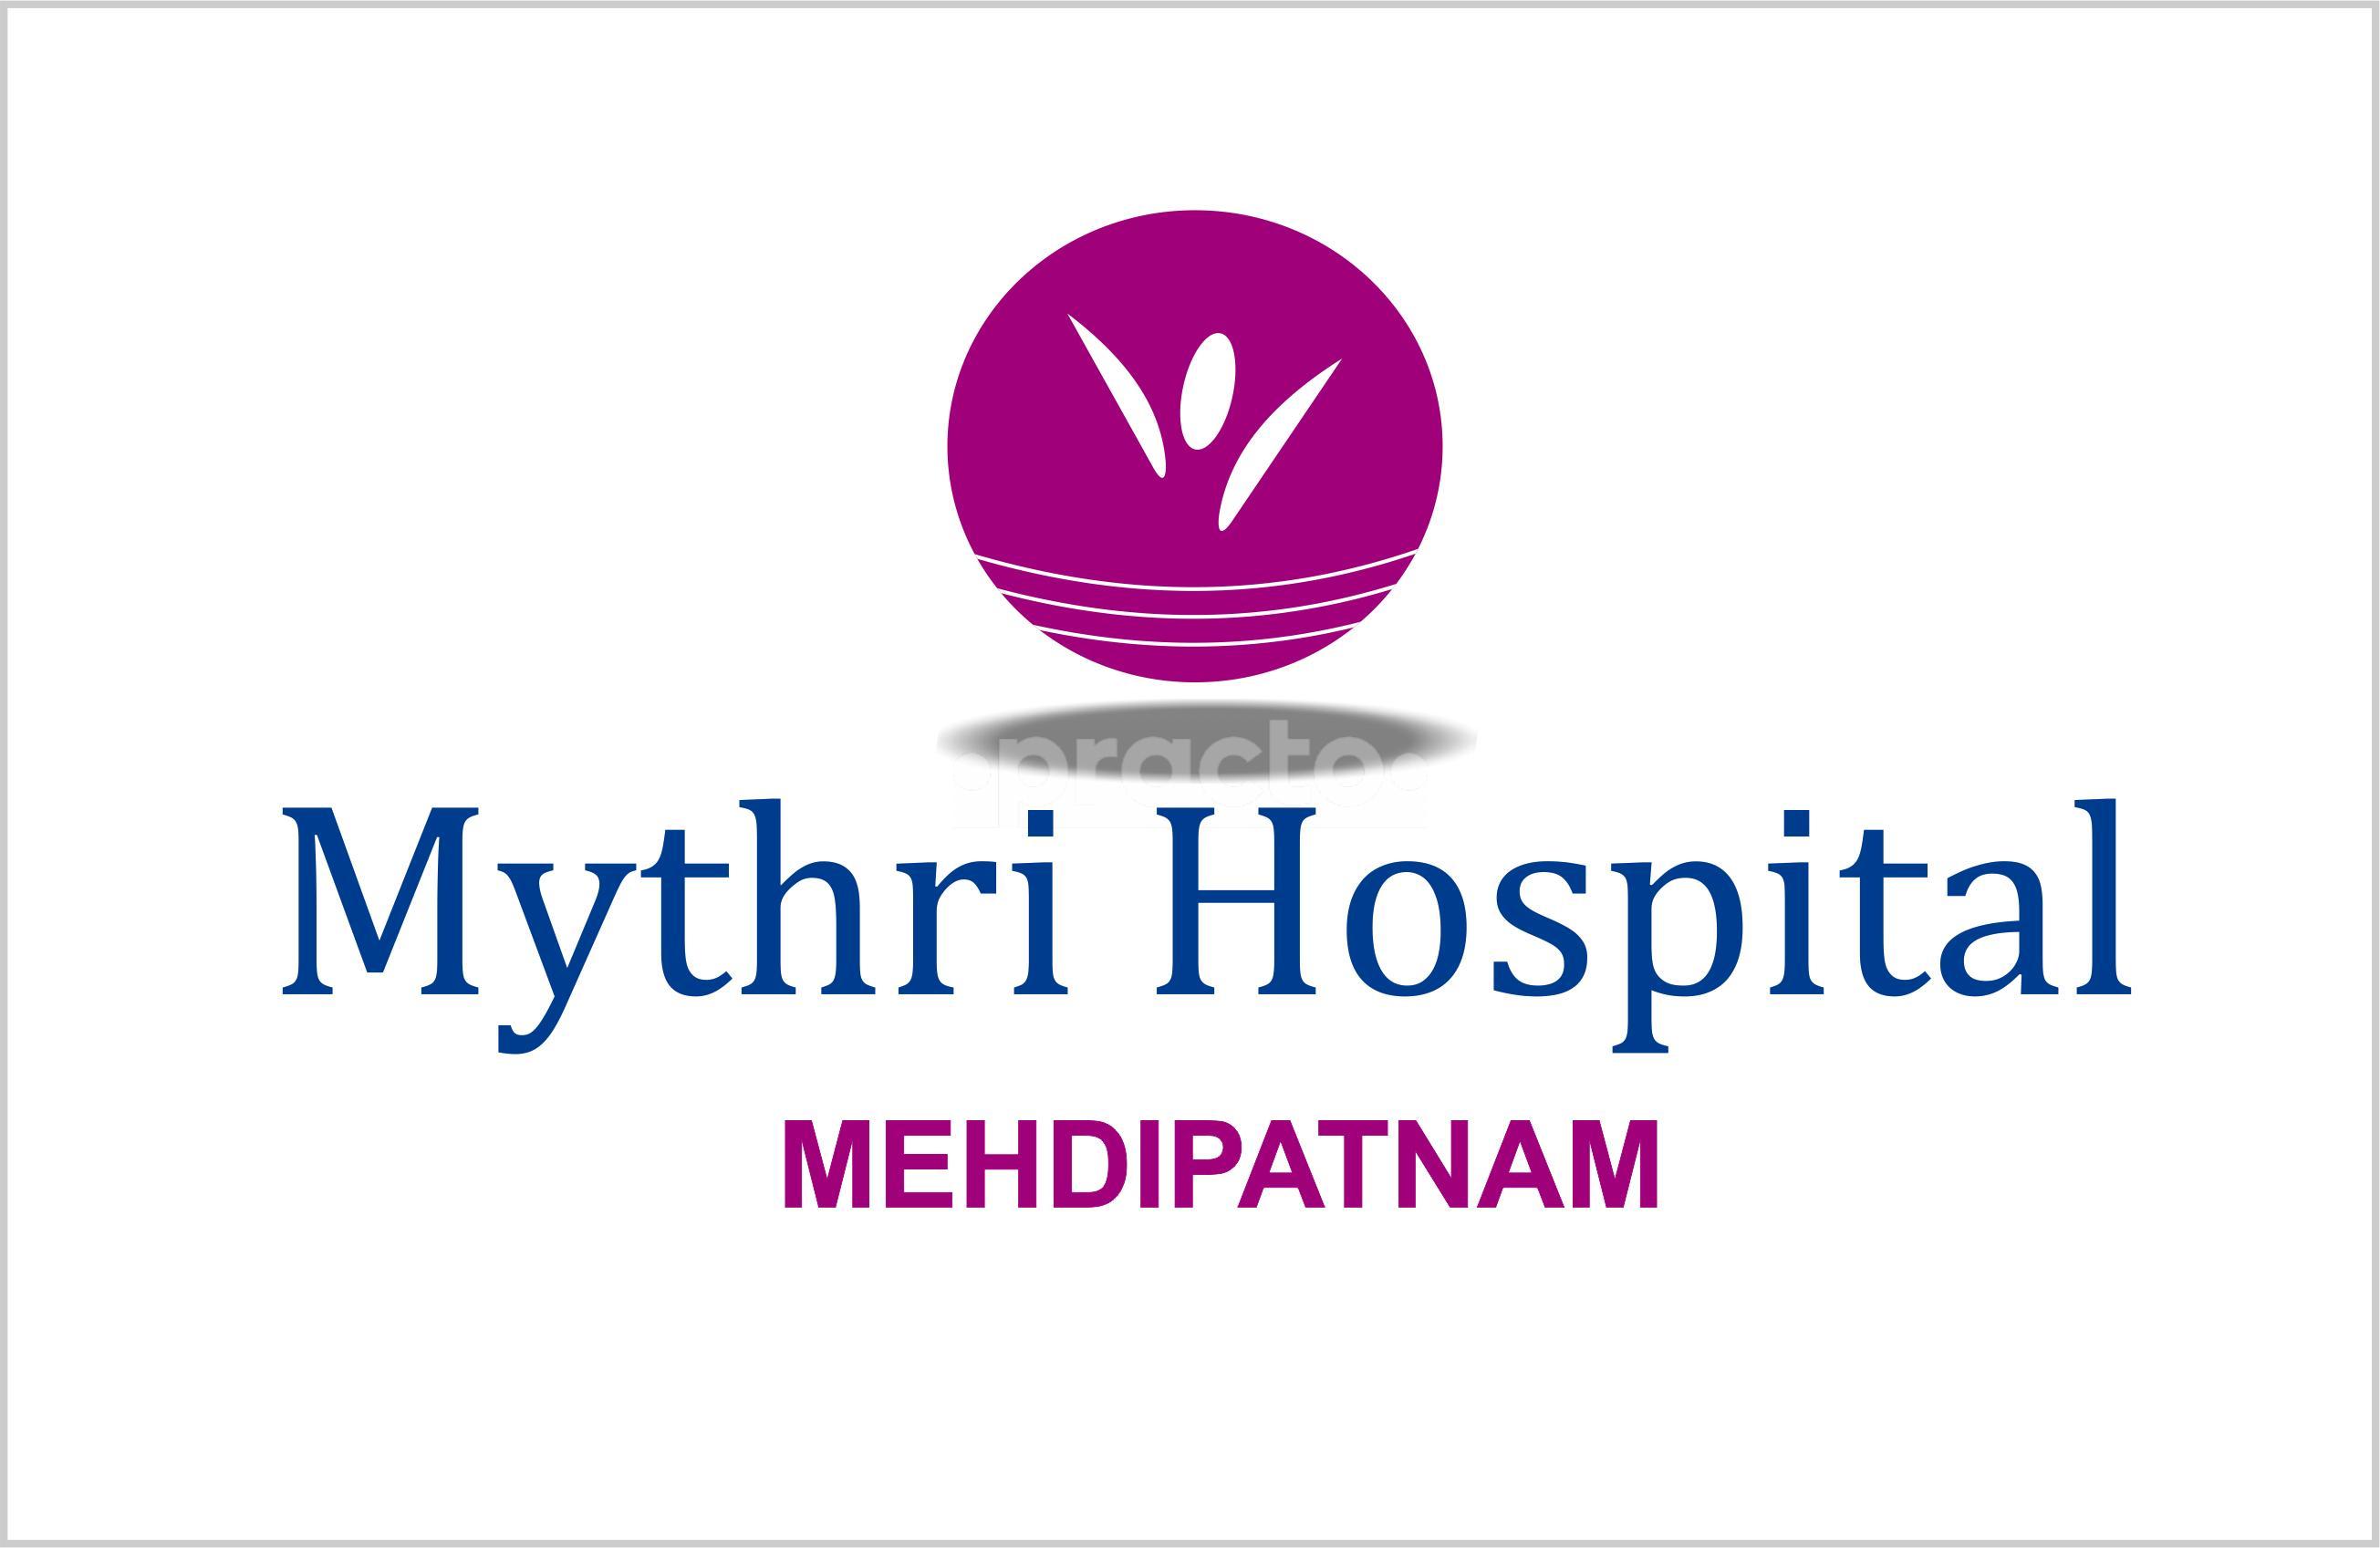 Mythri Hospital